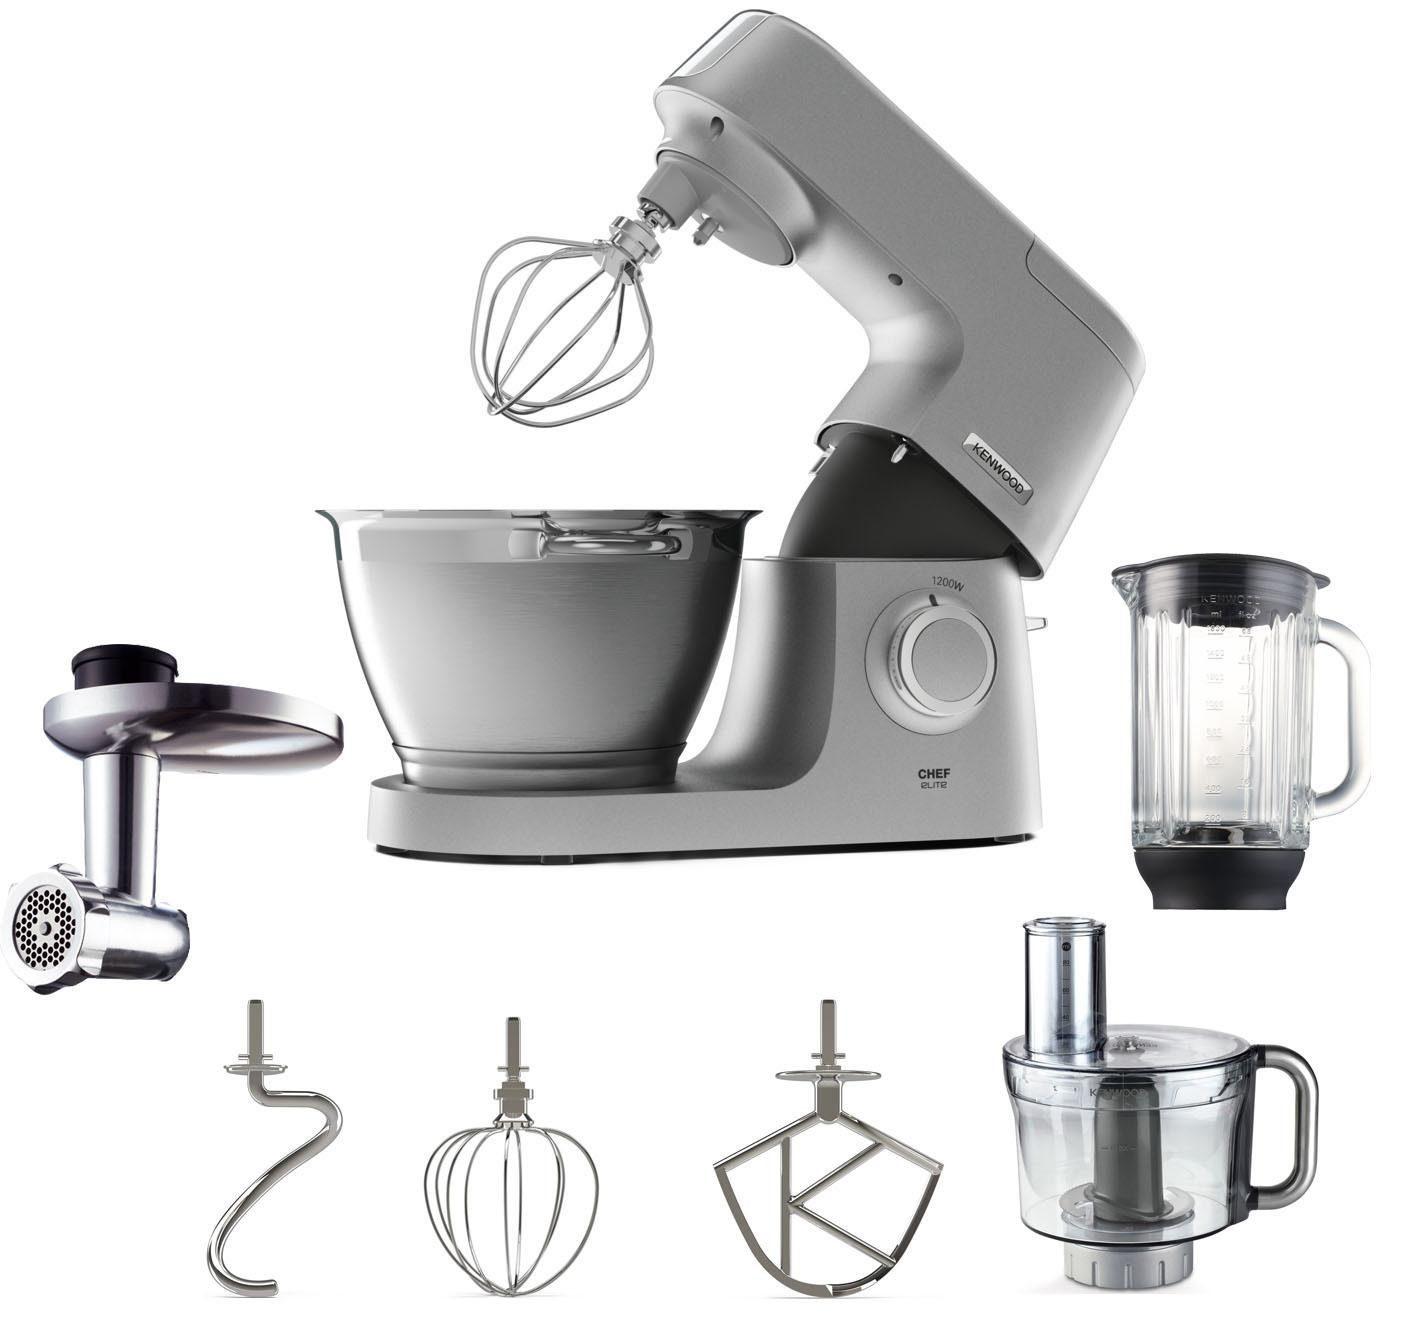 KENWOOD Küchenmaschine Chef Elite KVC5401S, 1200 W, 4,6 l Schüssel, inkl. Zubehör im Wert von UVP € 229,98